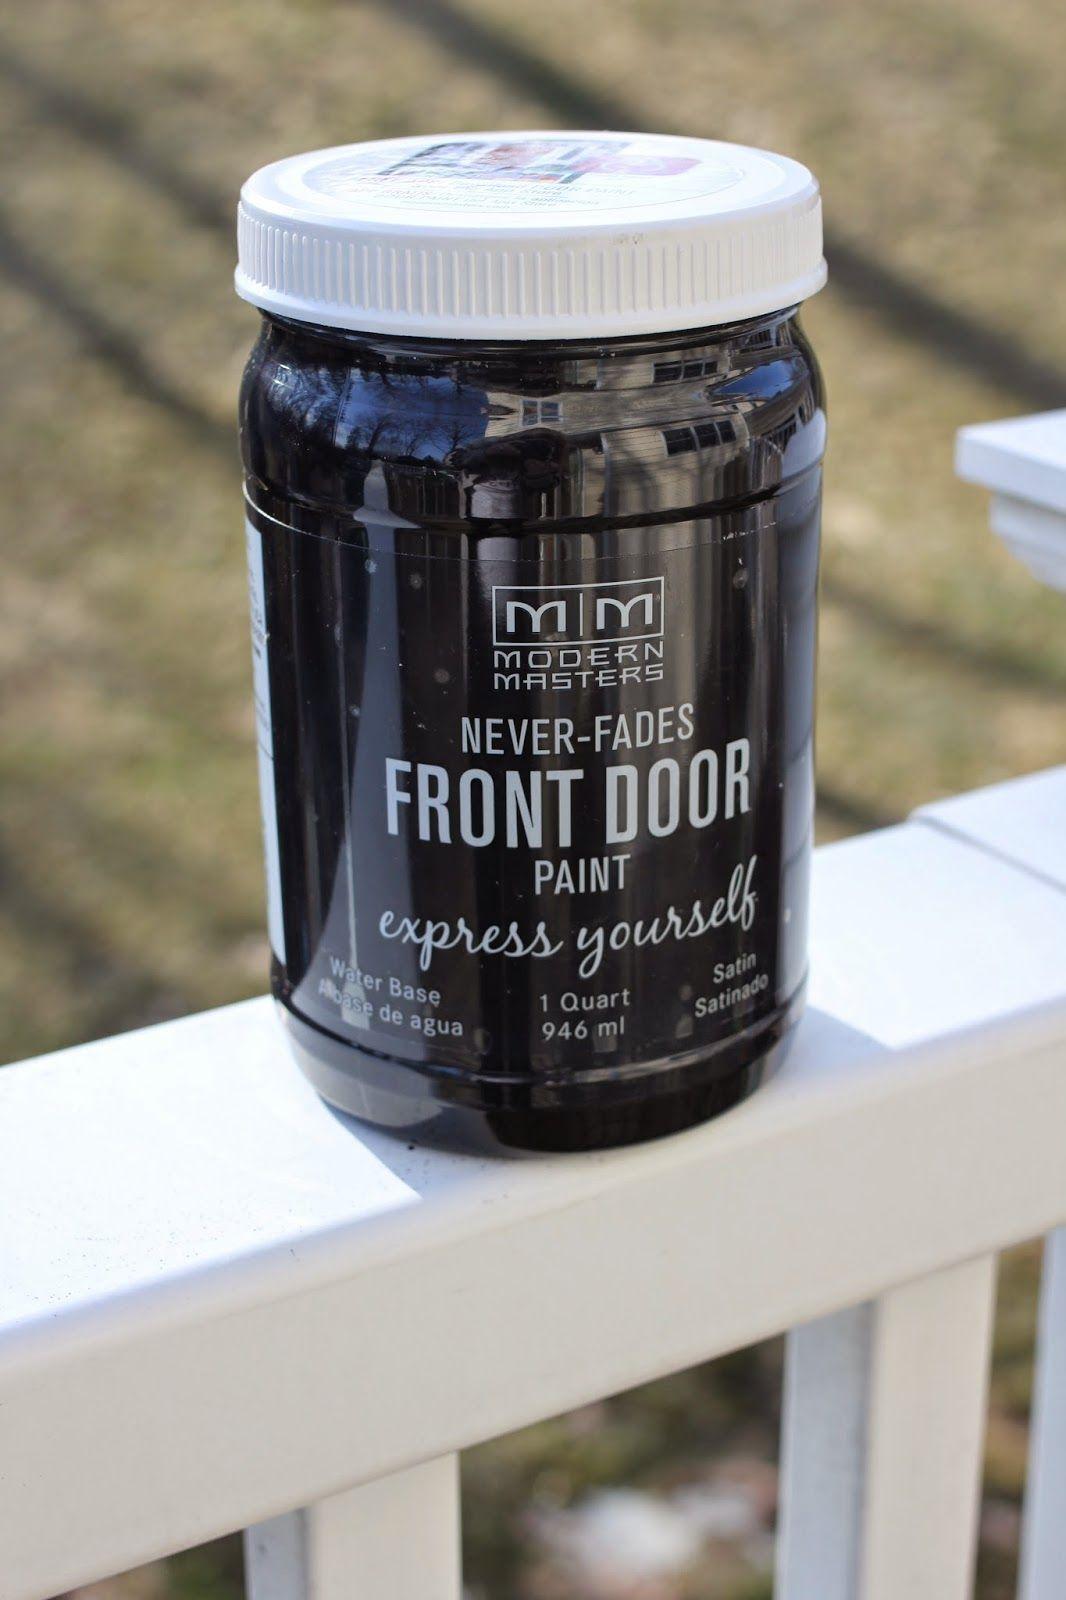 New Front Door Paint Painted Front Doors Painted Doors Front Door